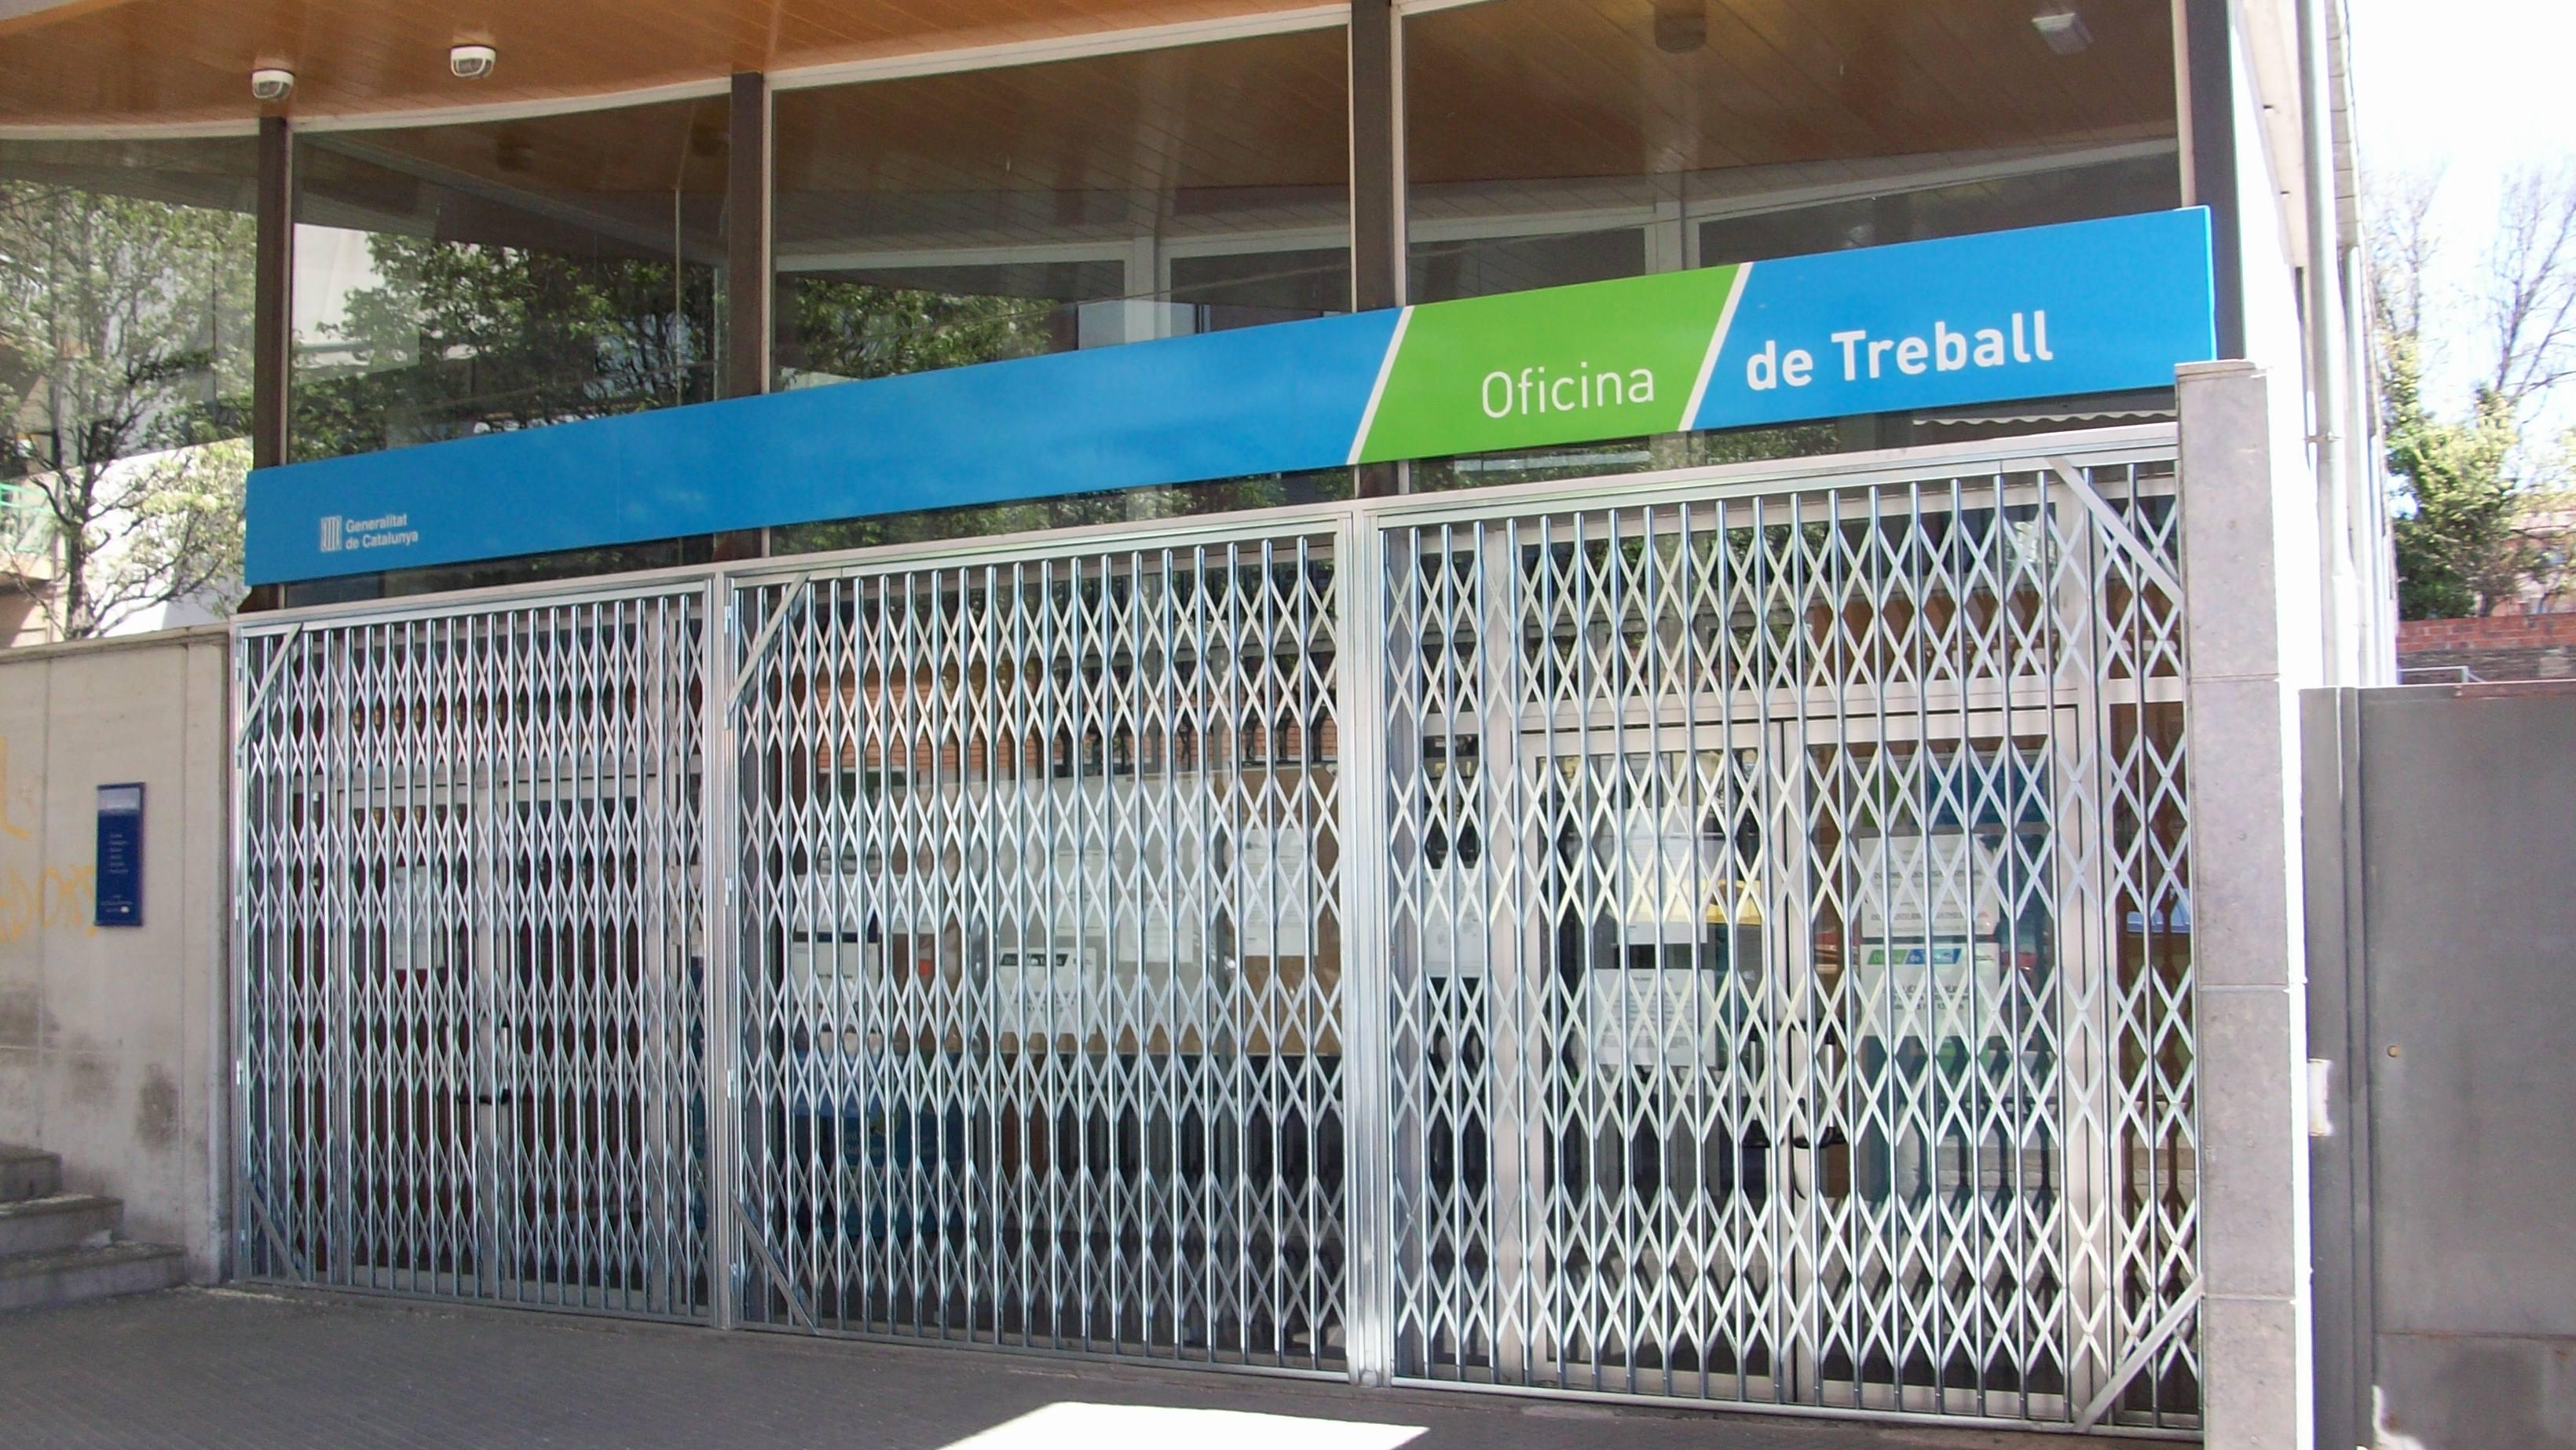 La situaci n en las oficinas de empleo de catalunya for Caja de cataluna oficinas